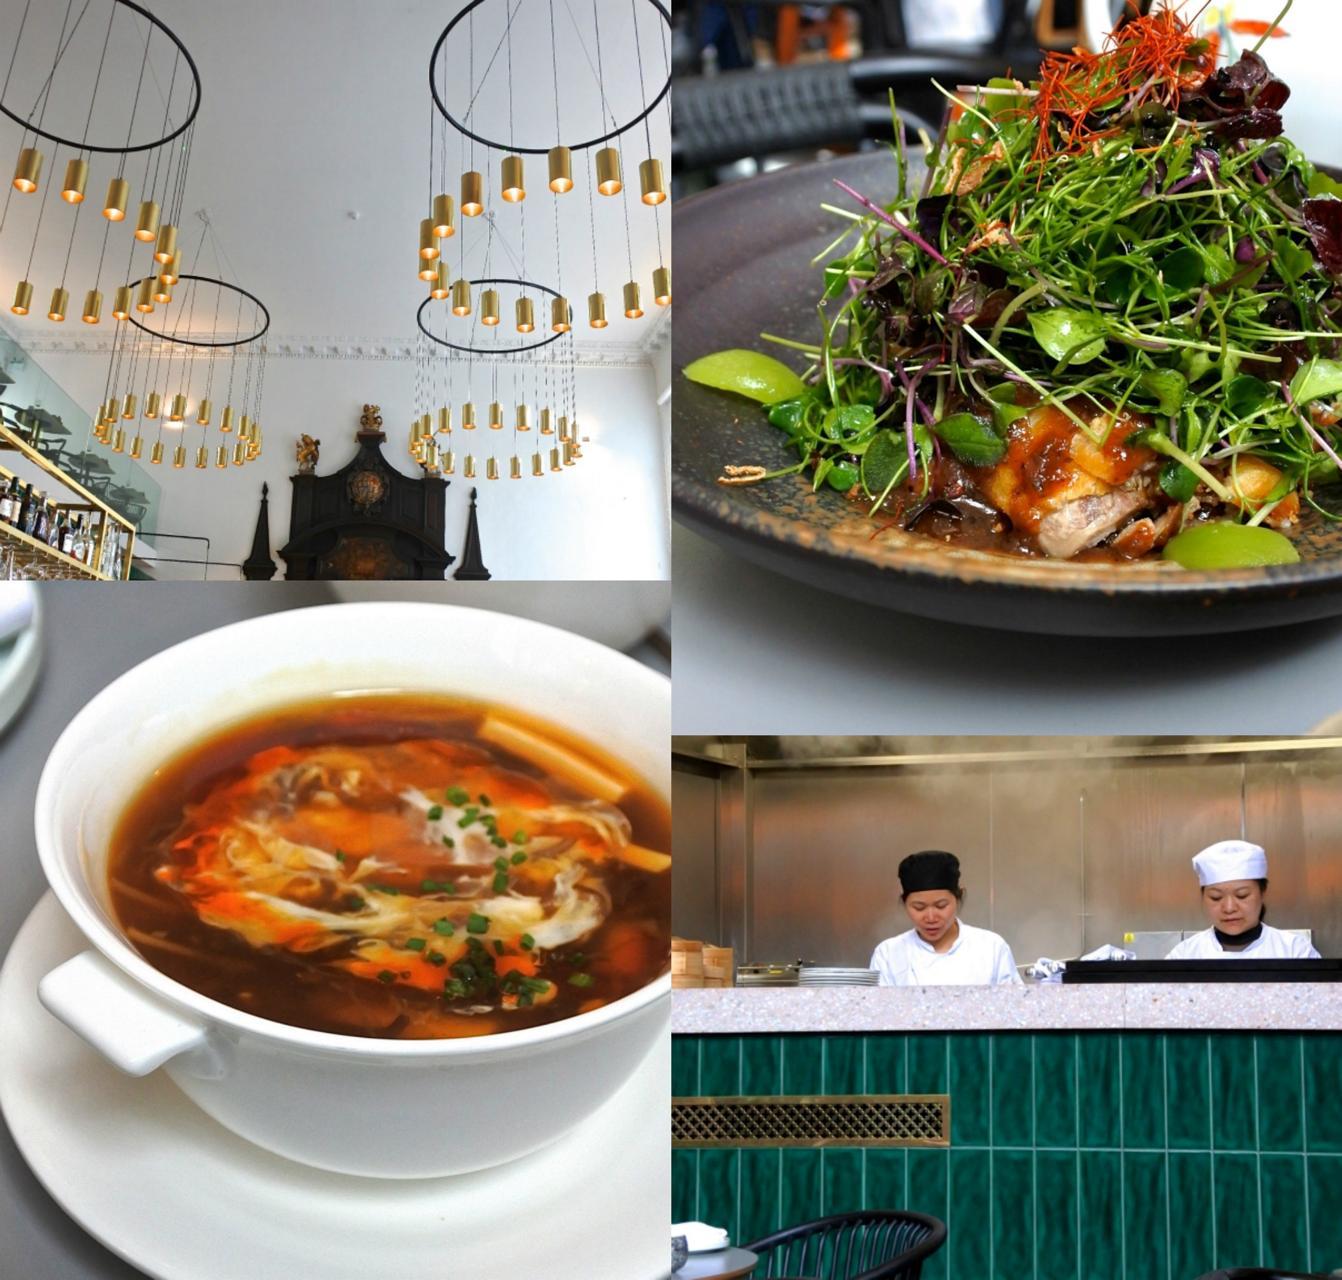 右上が鴨肉のサラダ。鴨は揚げてあるので、とてもボリューミー。左下がホット&サワー・スープ。こちらもいいお味☆